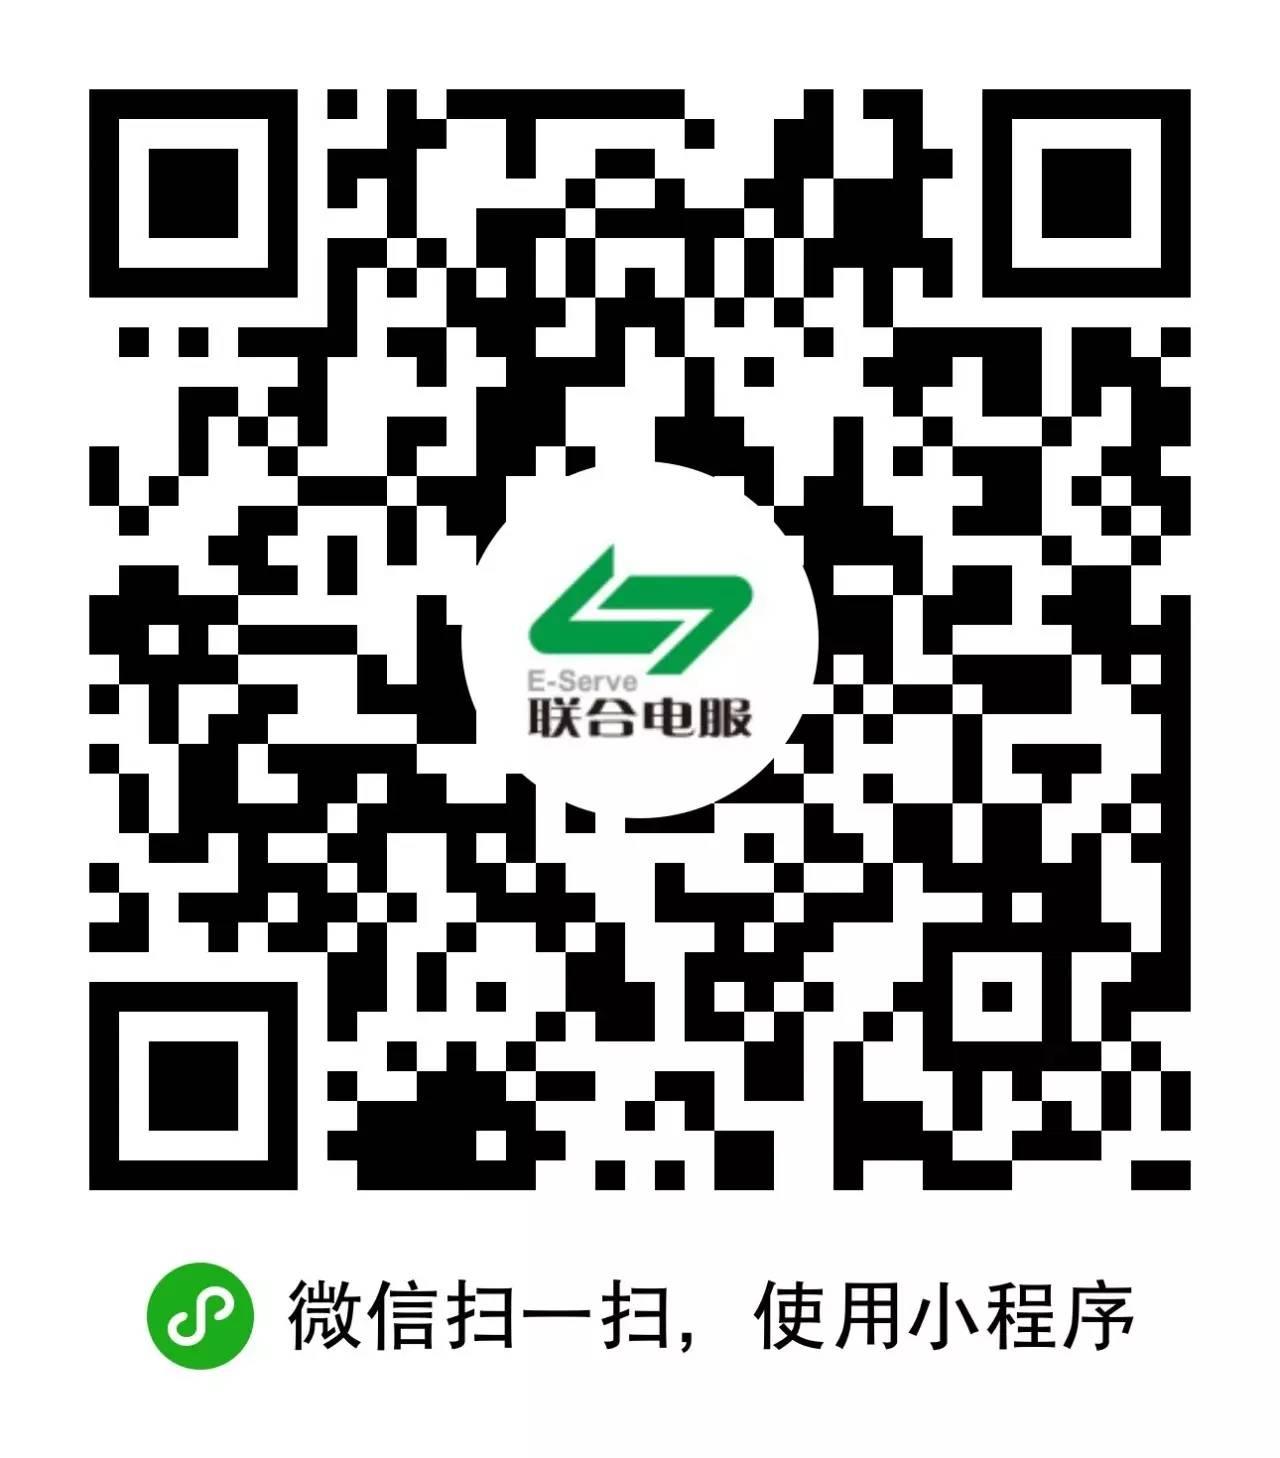 粤通卡应用小程序二维码